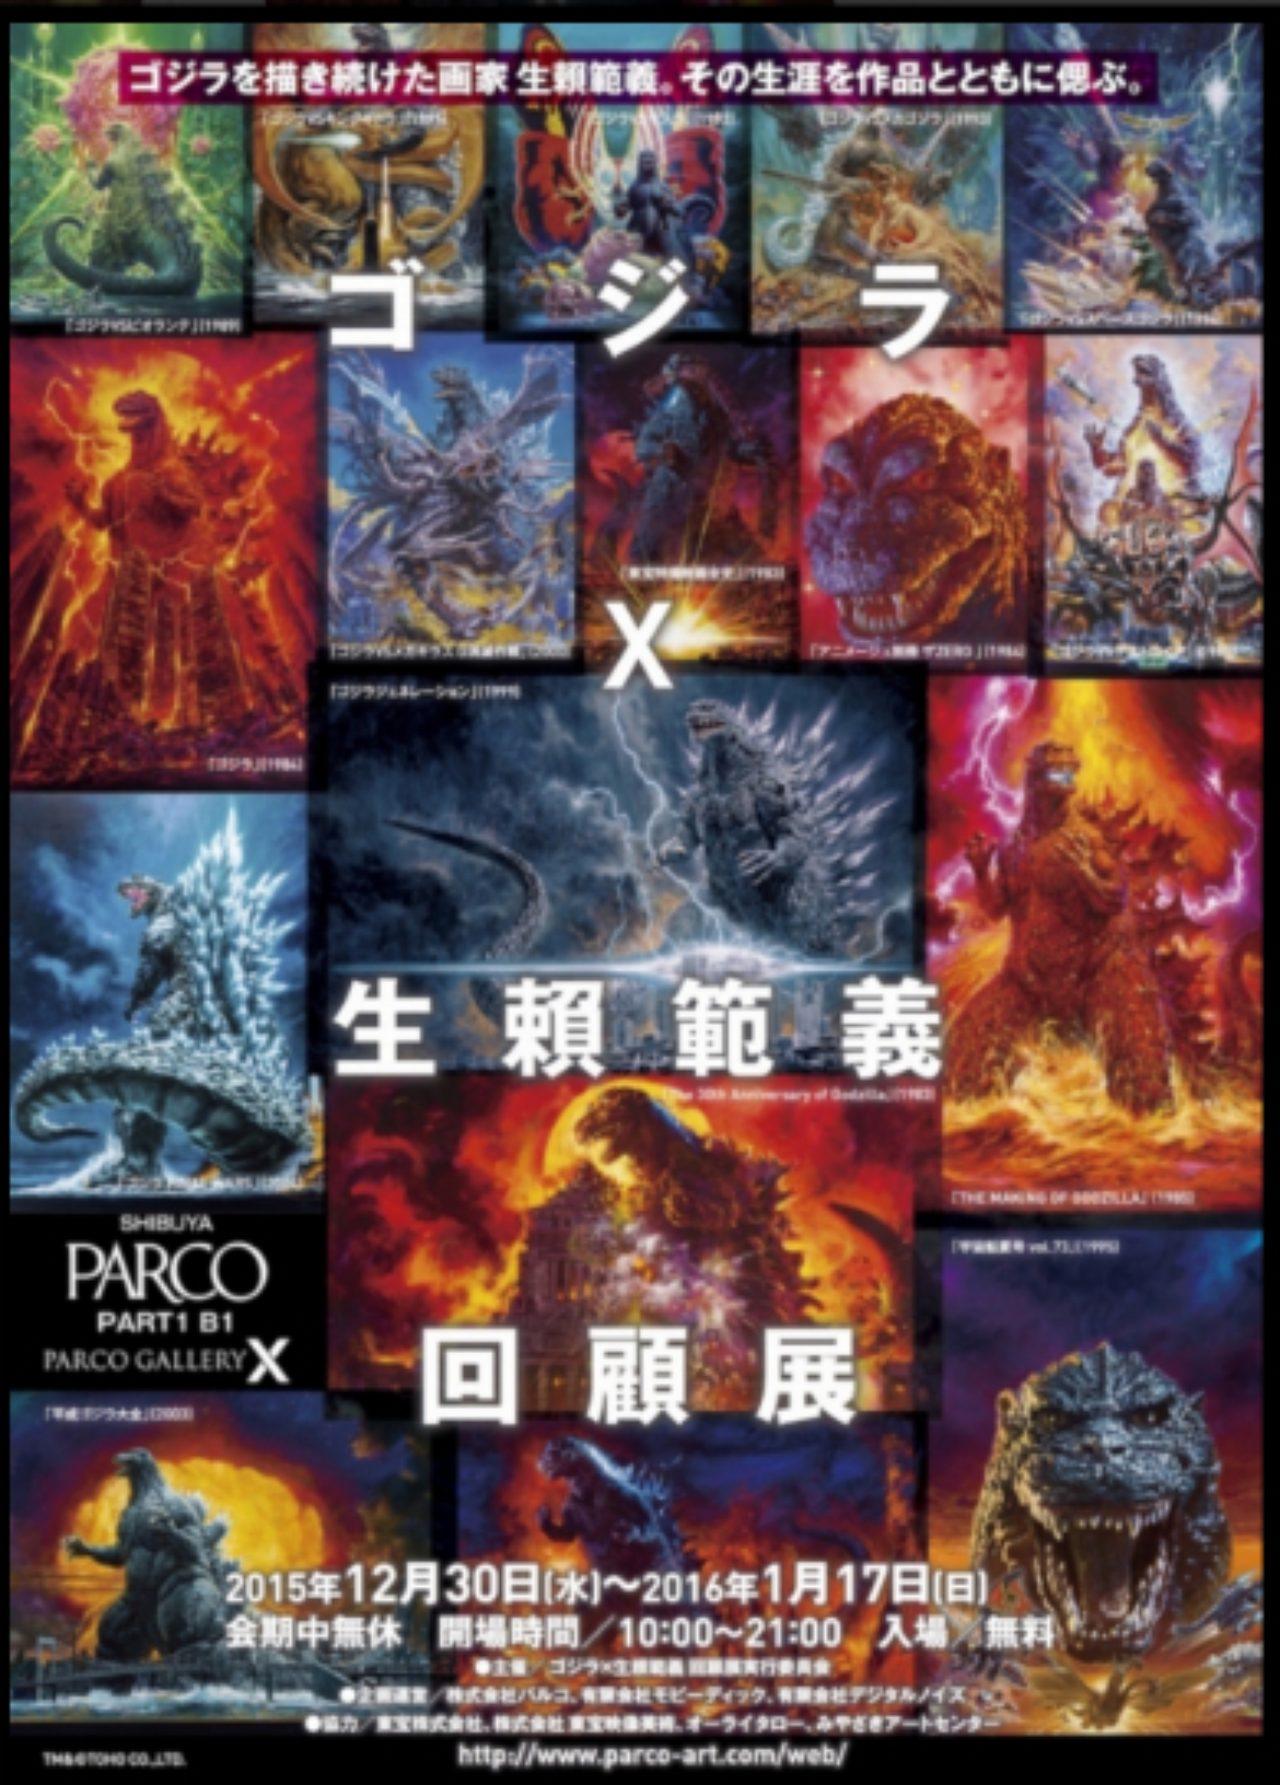 画像1: http://www.parco-art.com/web/gallery-x/exhibition.php?id=866